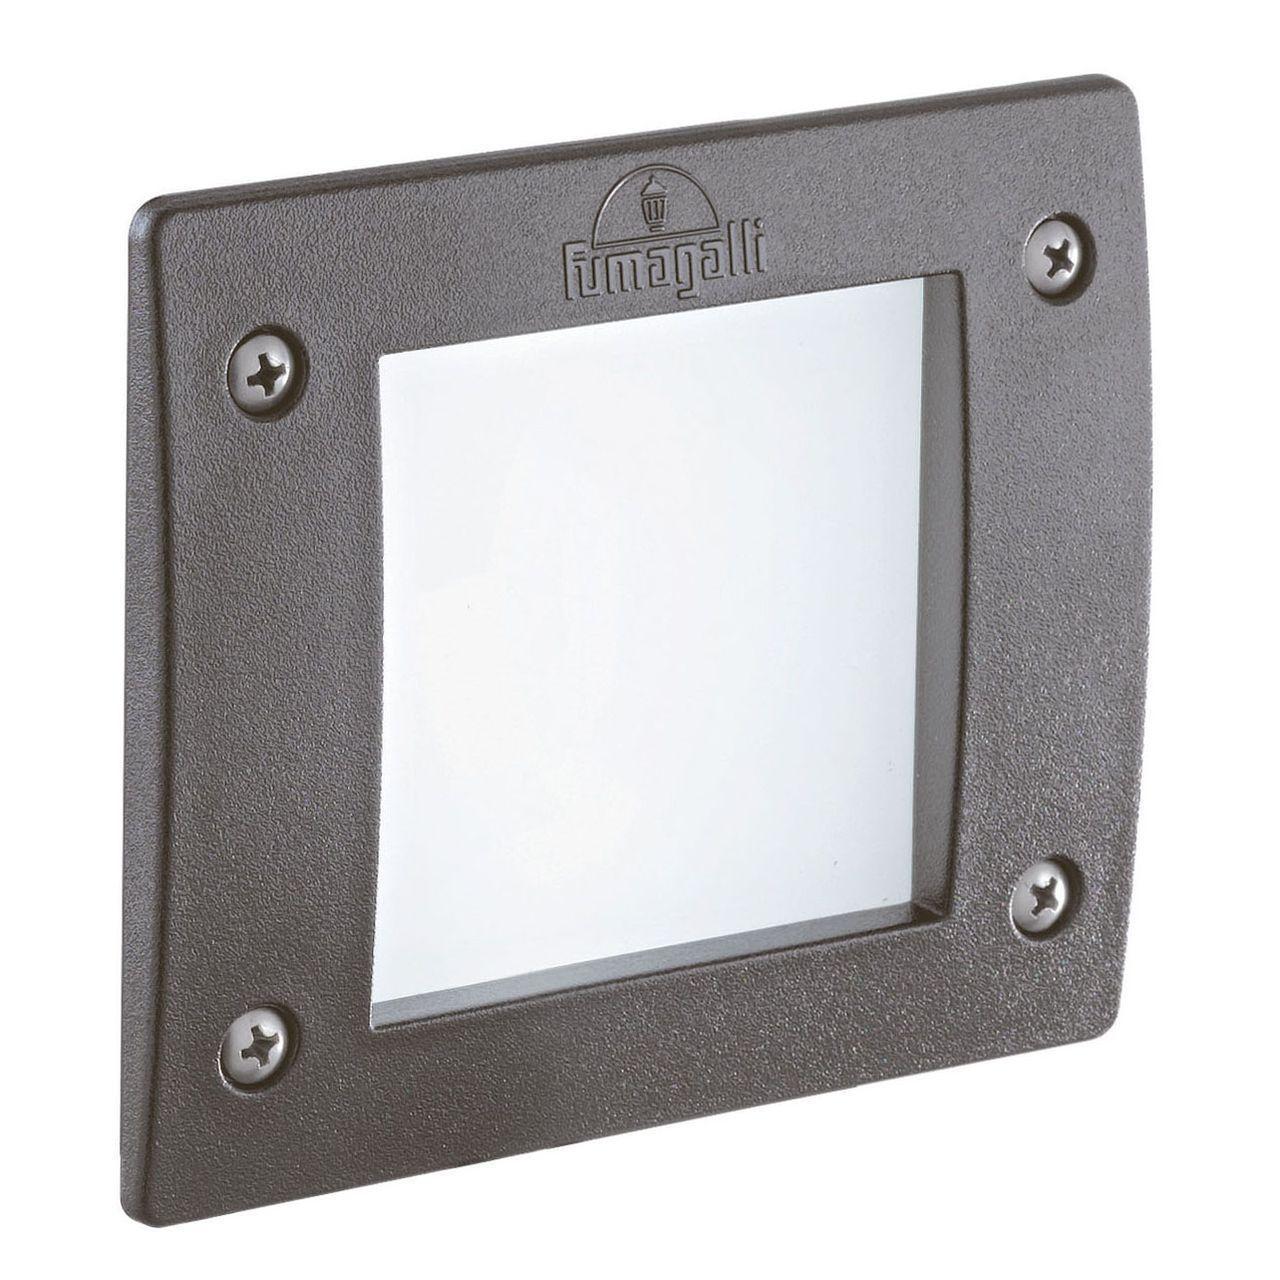 Уличный светодиодный светильник Ideal Lux Leti FI1 Square Grigio ideal lux уличный светодиодный светильник ideal lux leti round fi1 grigio